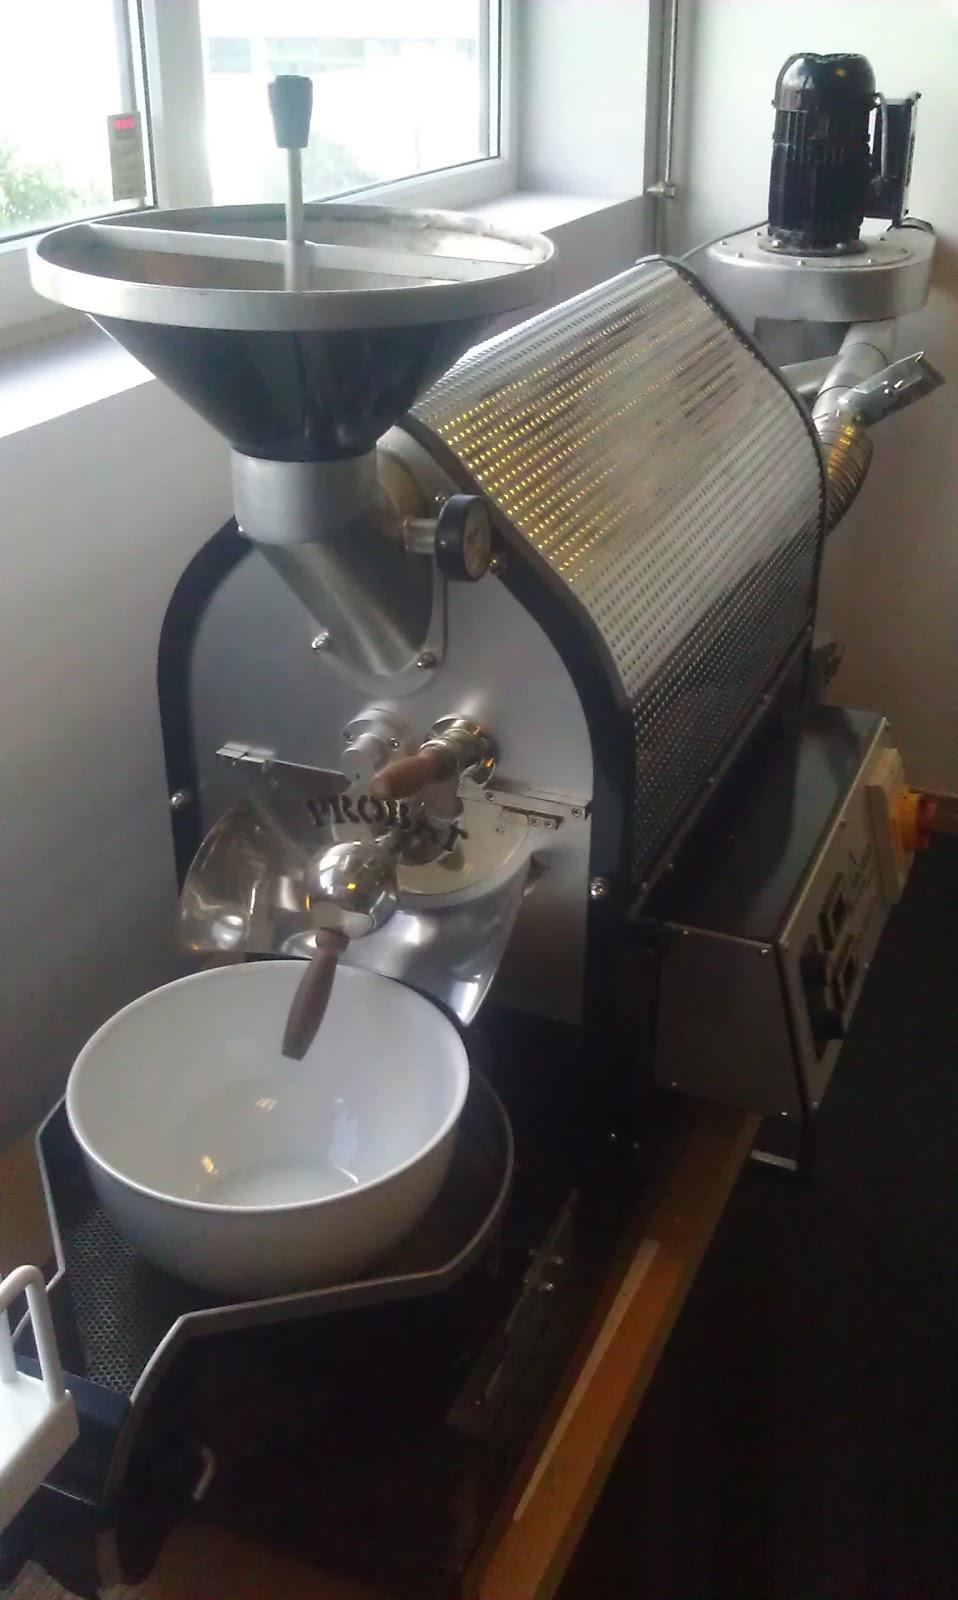 Kjøpe kaffebrenner